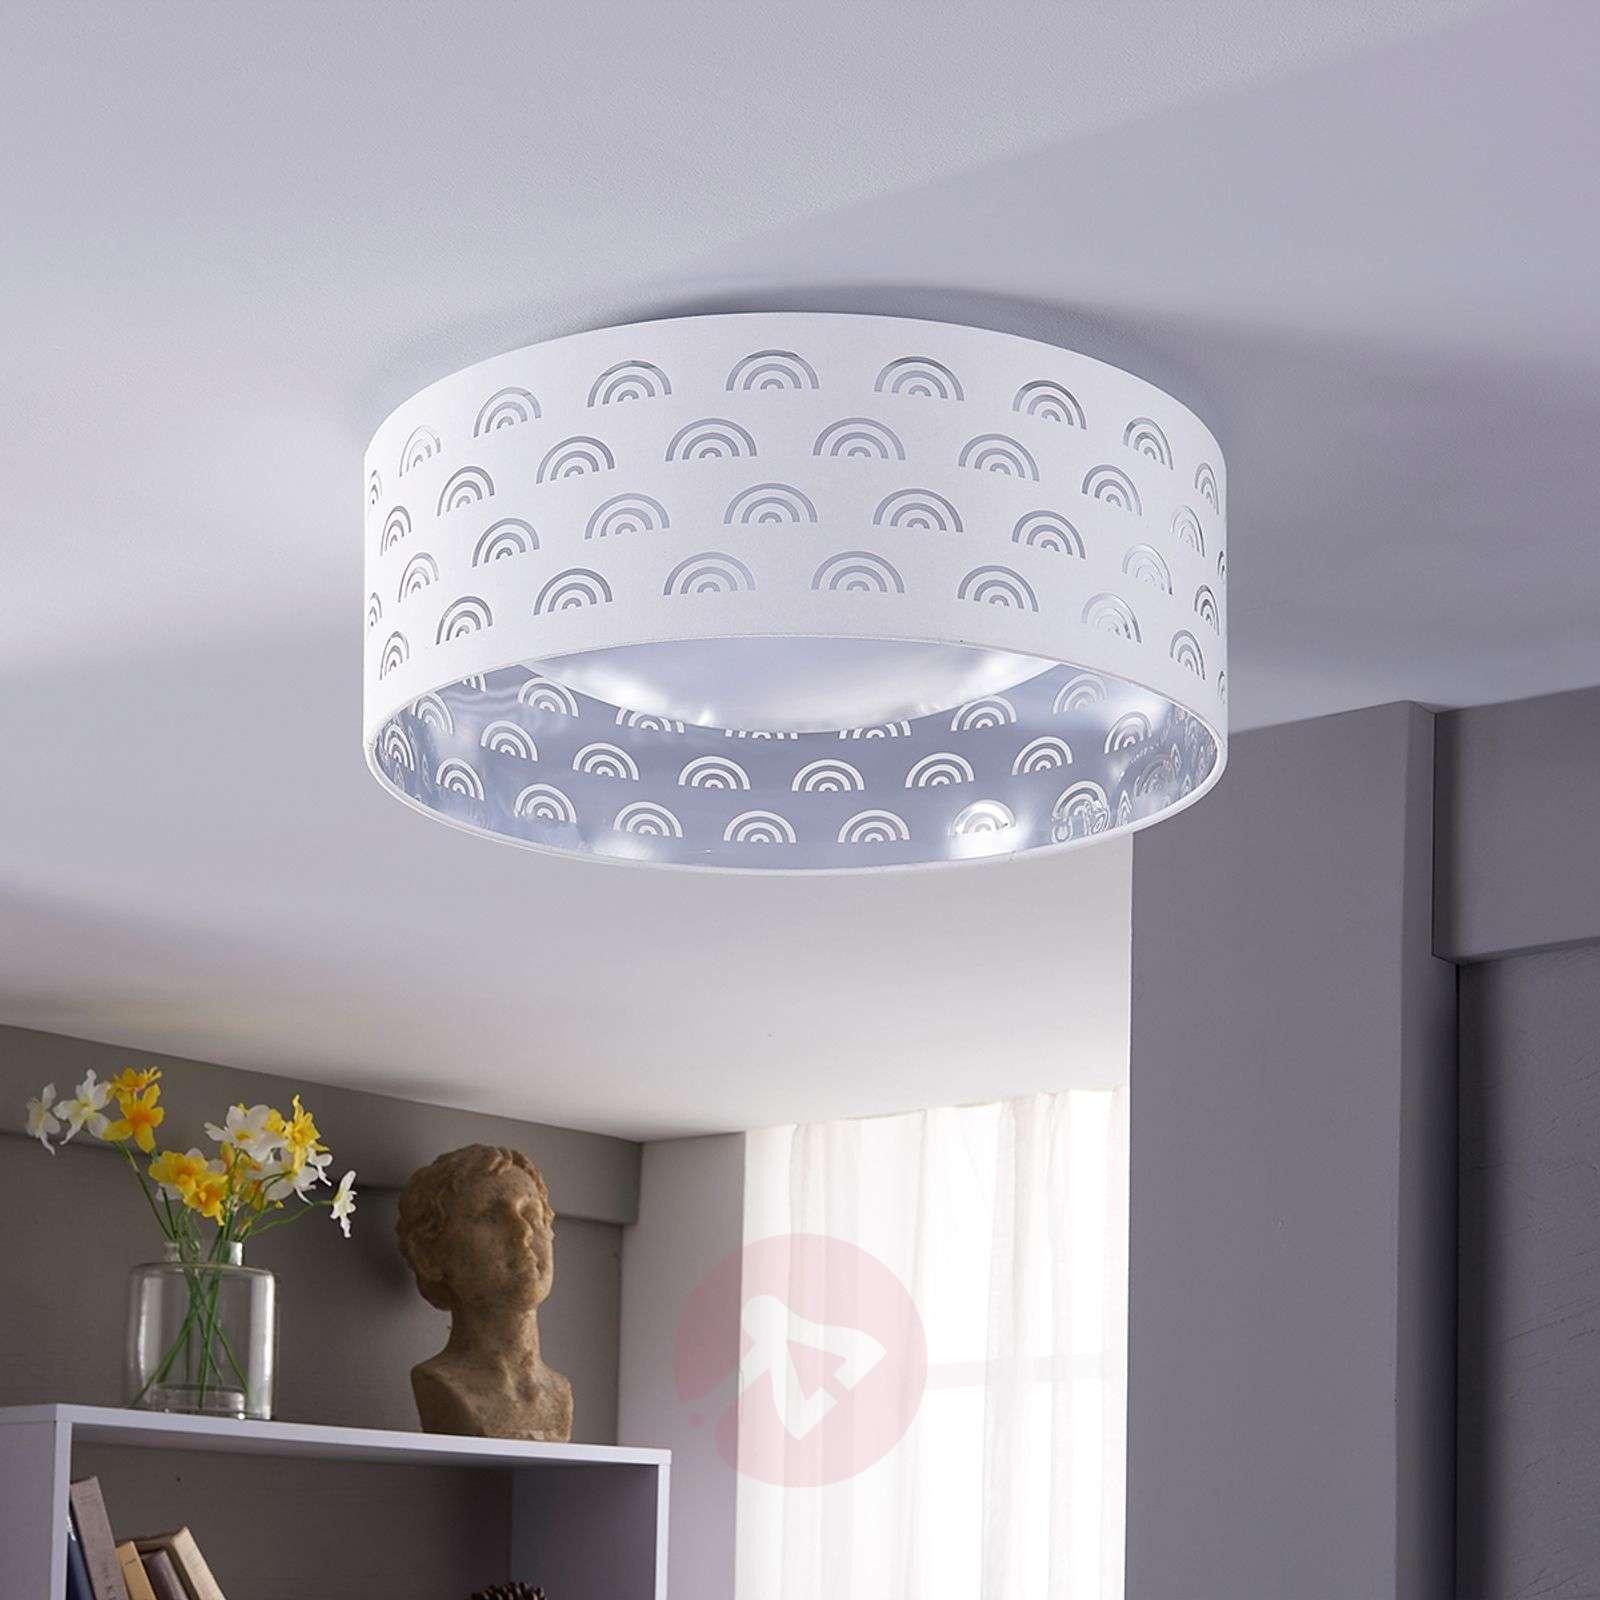 LED ceiling light Jorunn in white, silver inside-9620940-01